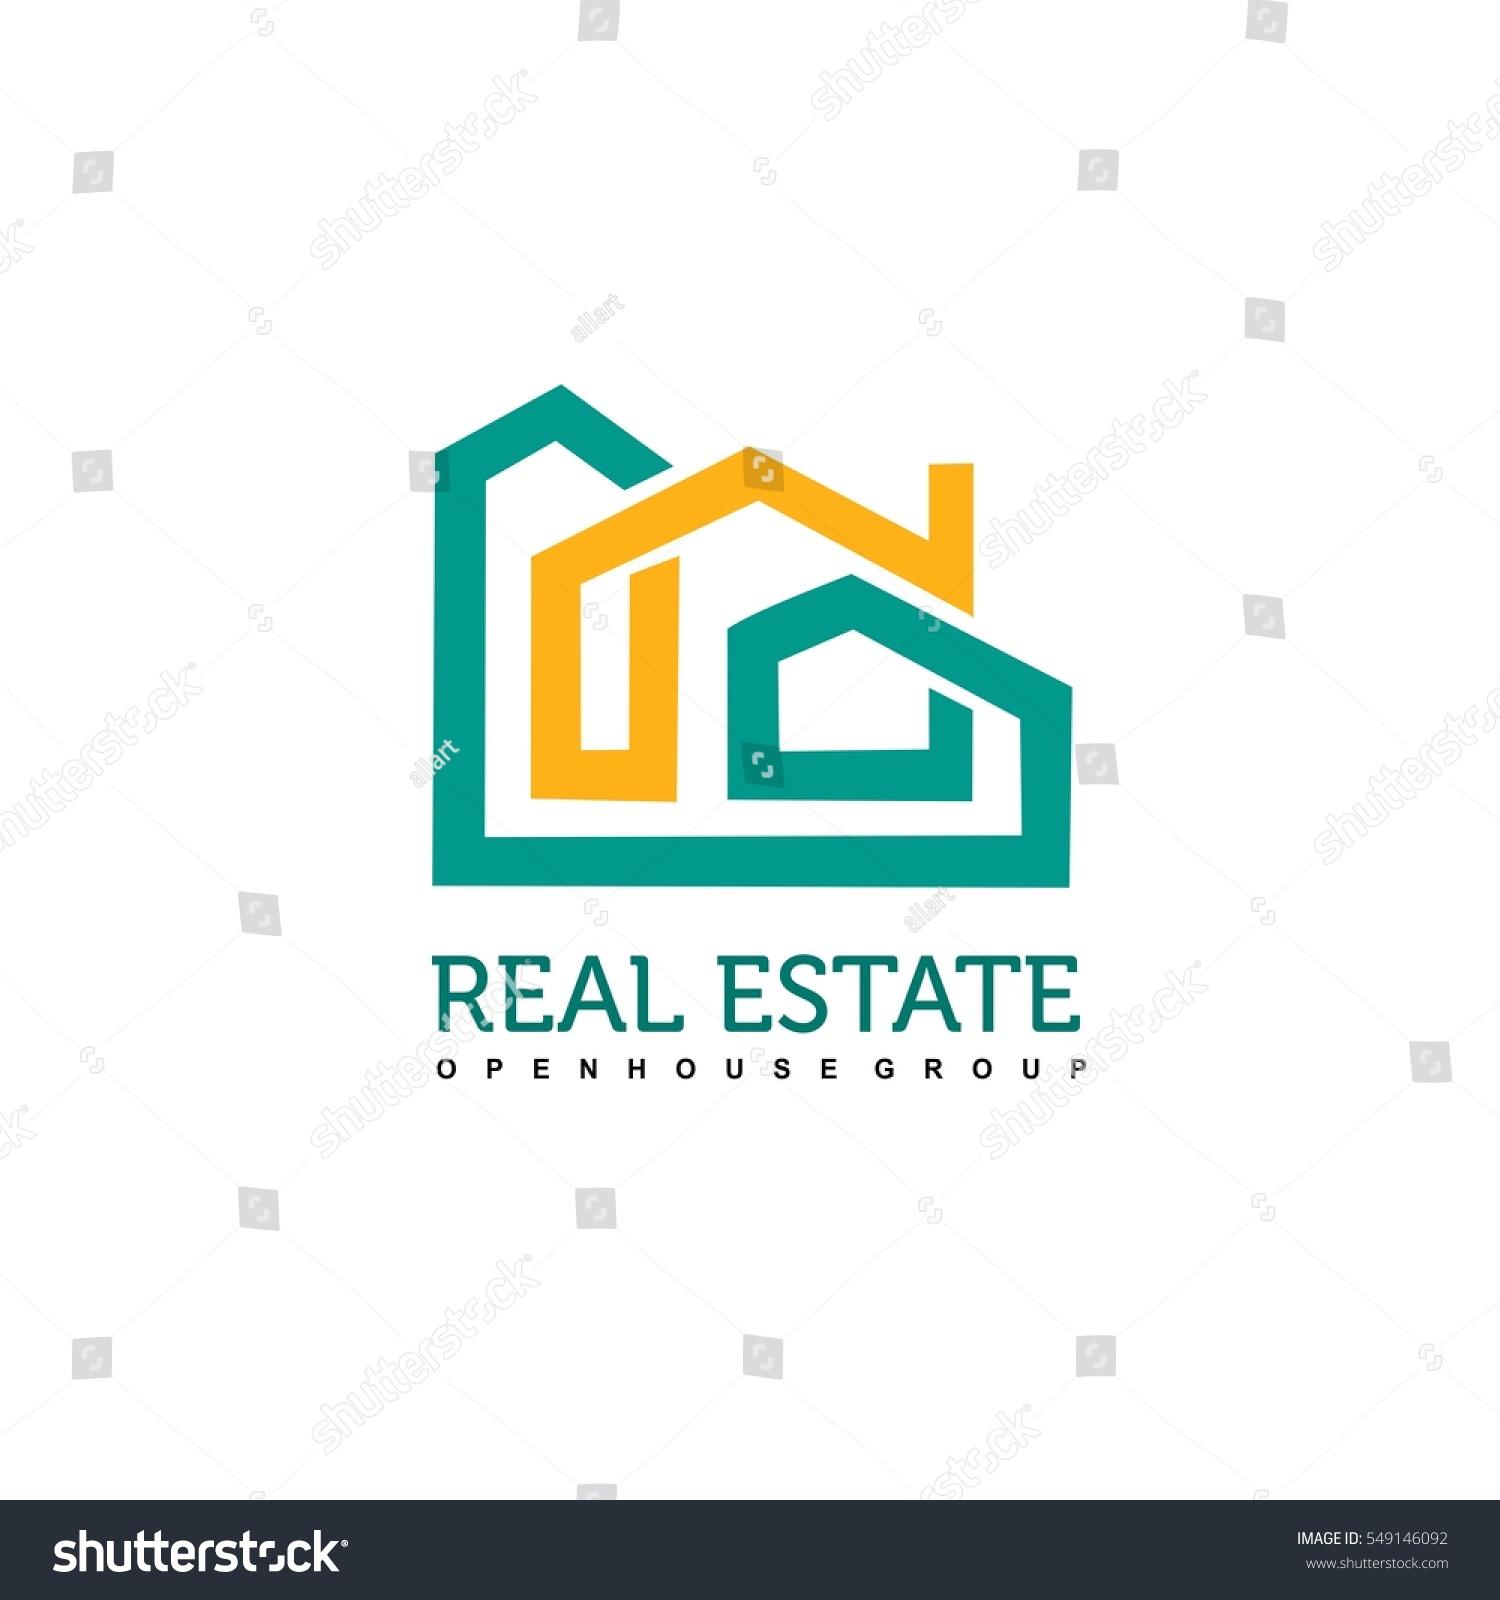 Real Estate Construction : Real estate construction logo design vector stock